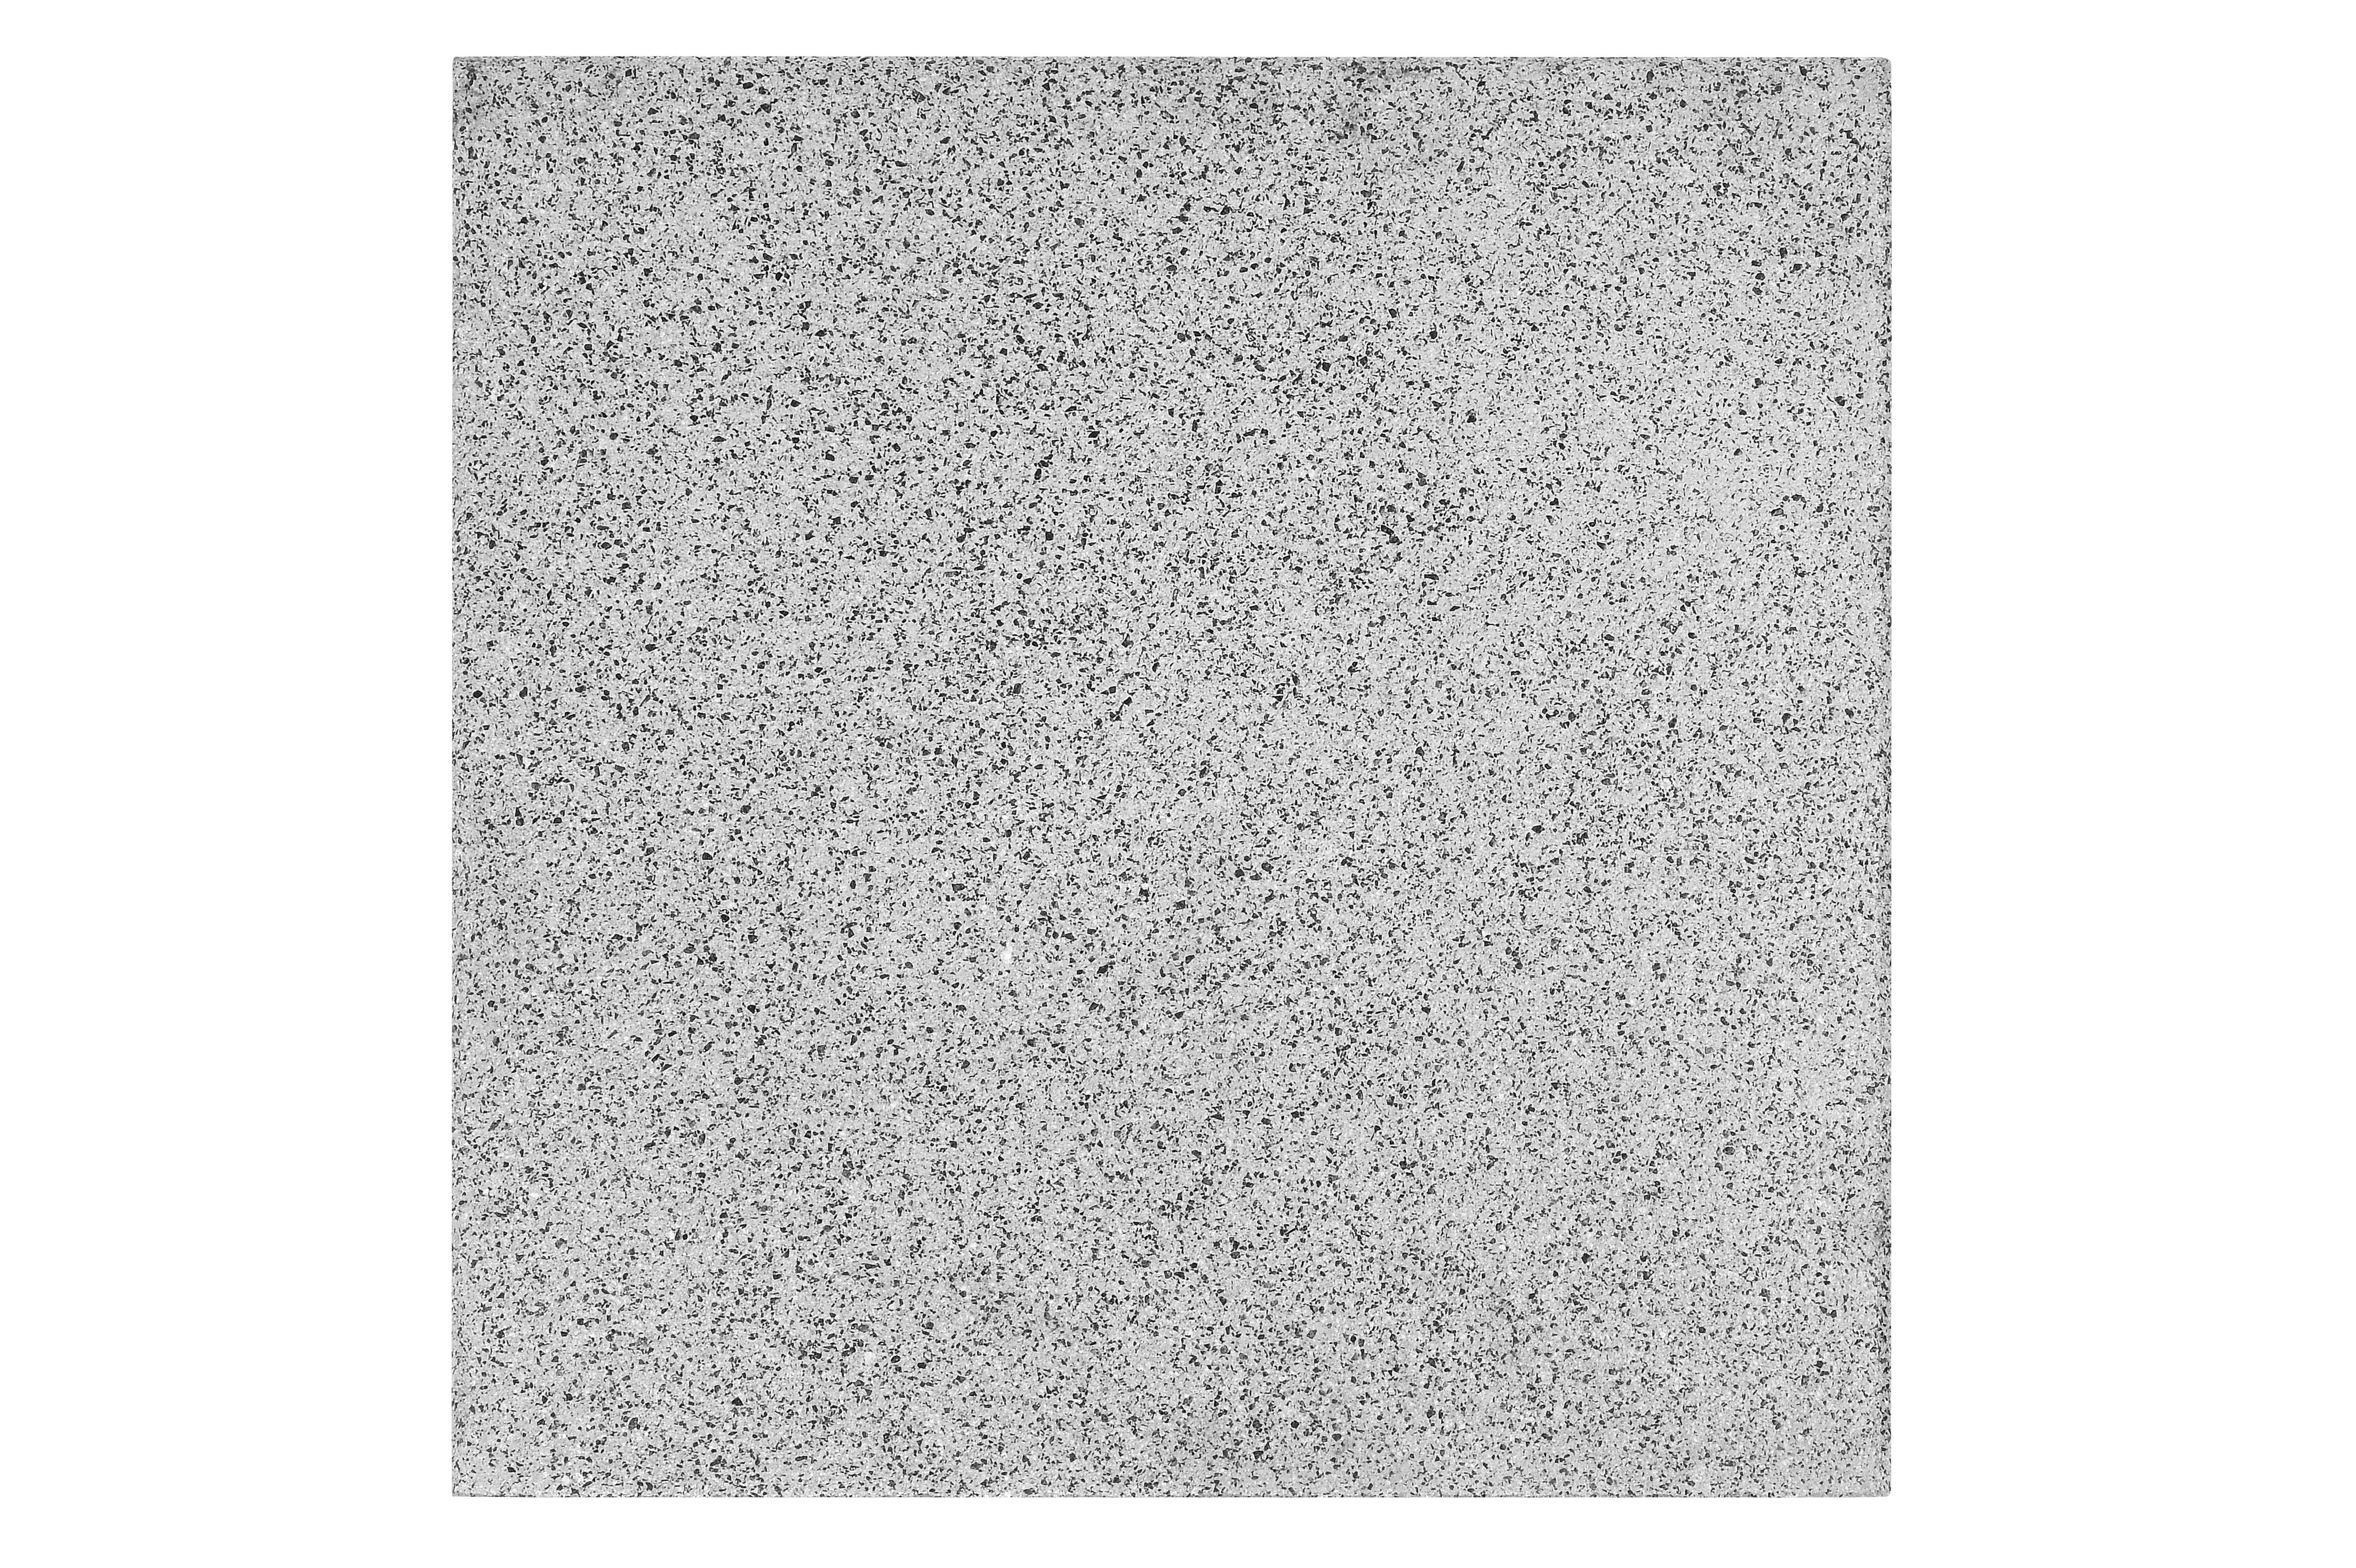 Kemmler Terrassenplatte 400x400x38 Mm Grau Www Kemmler De